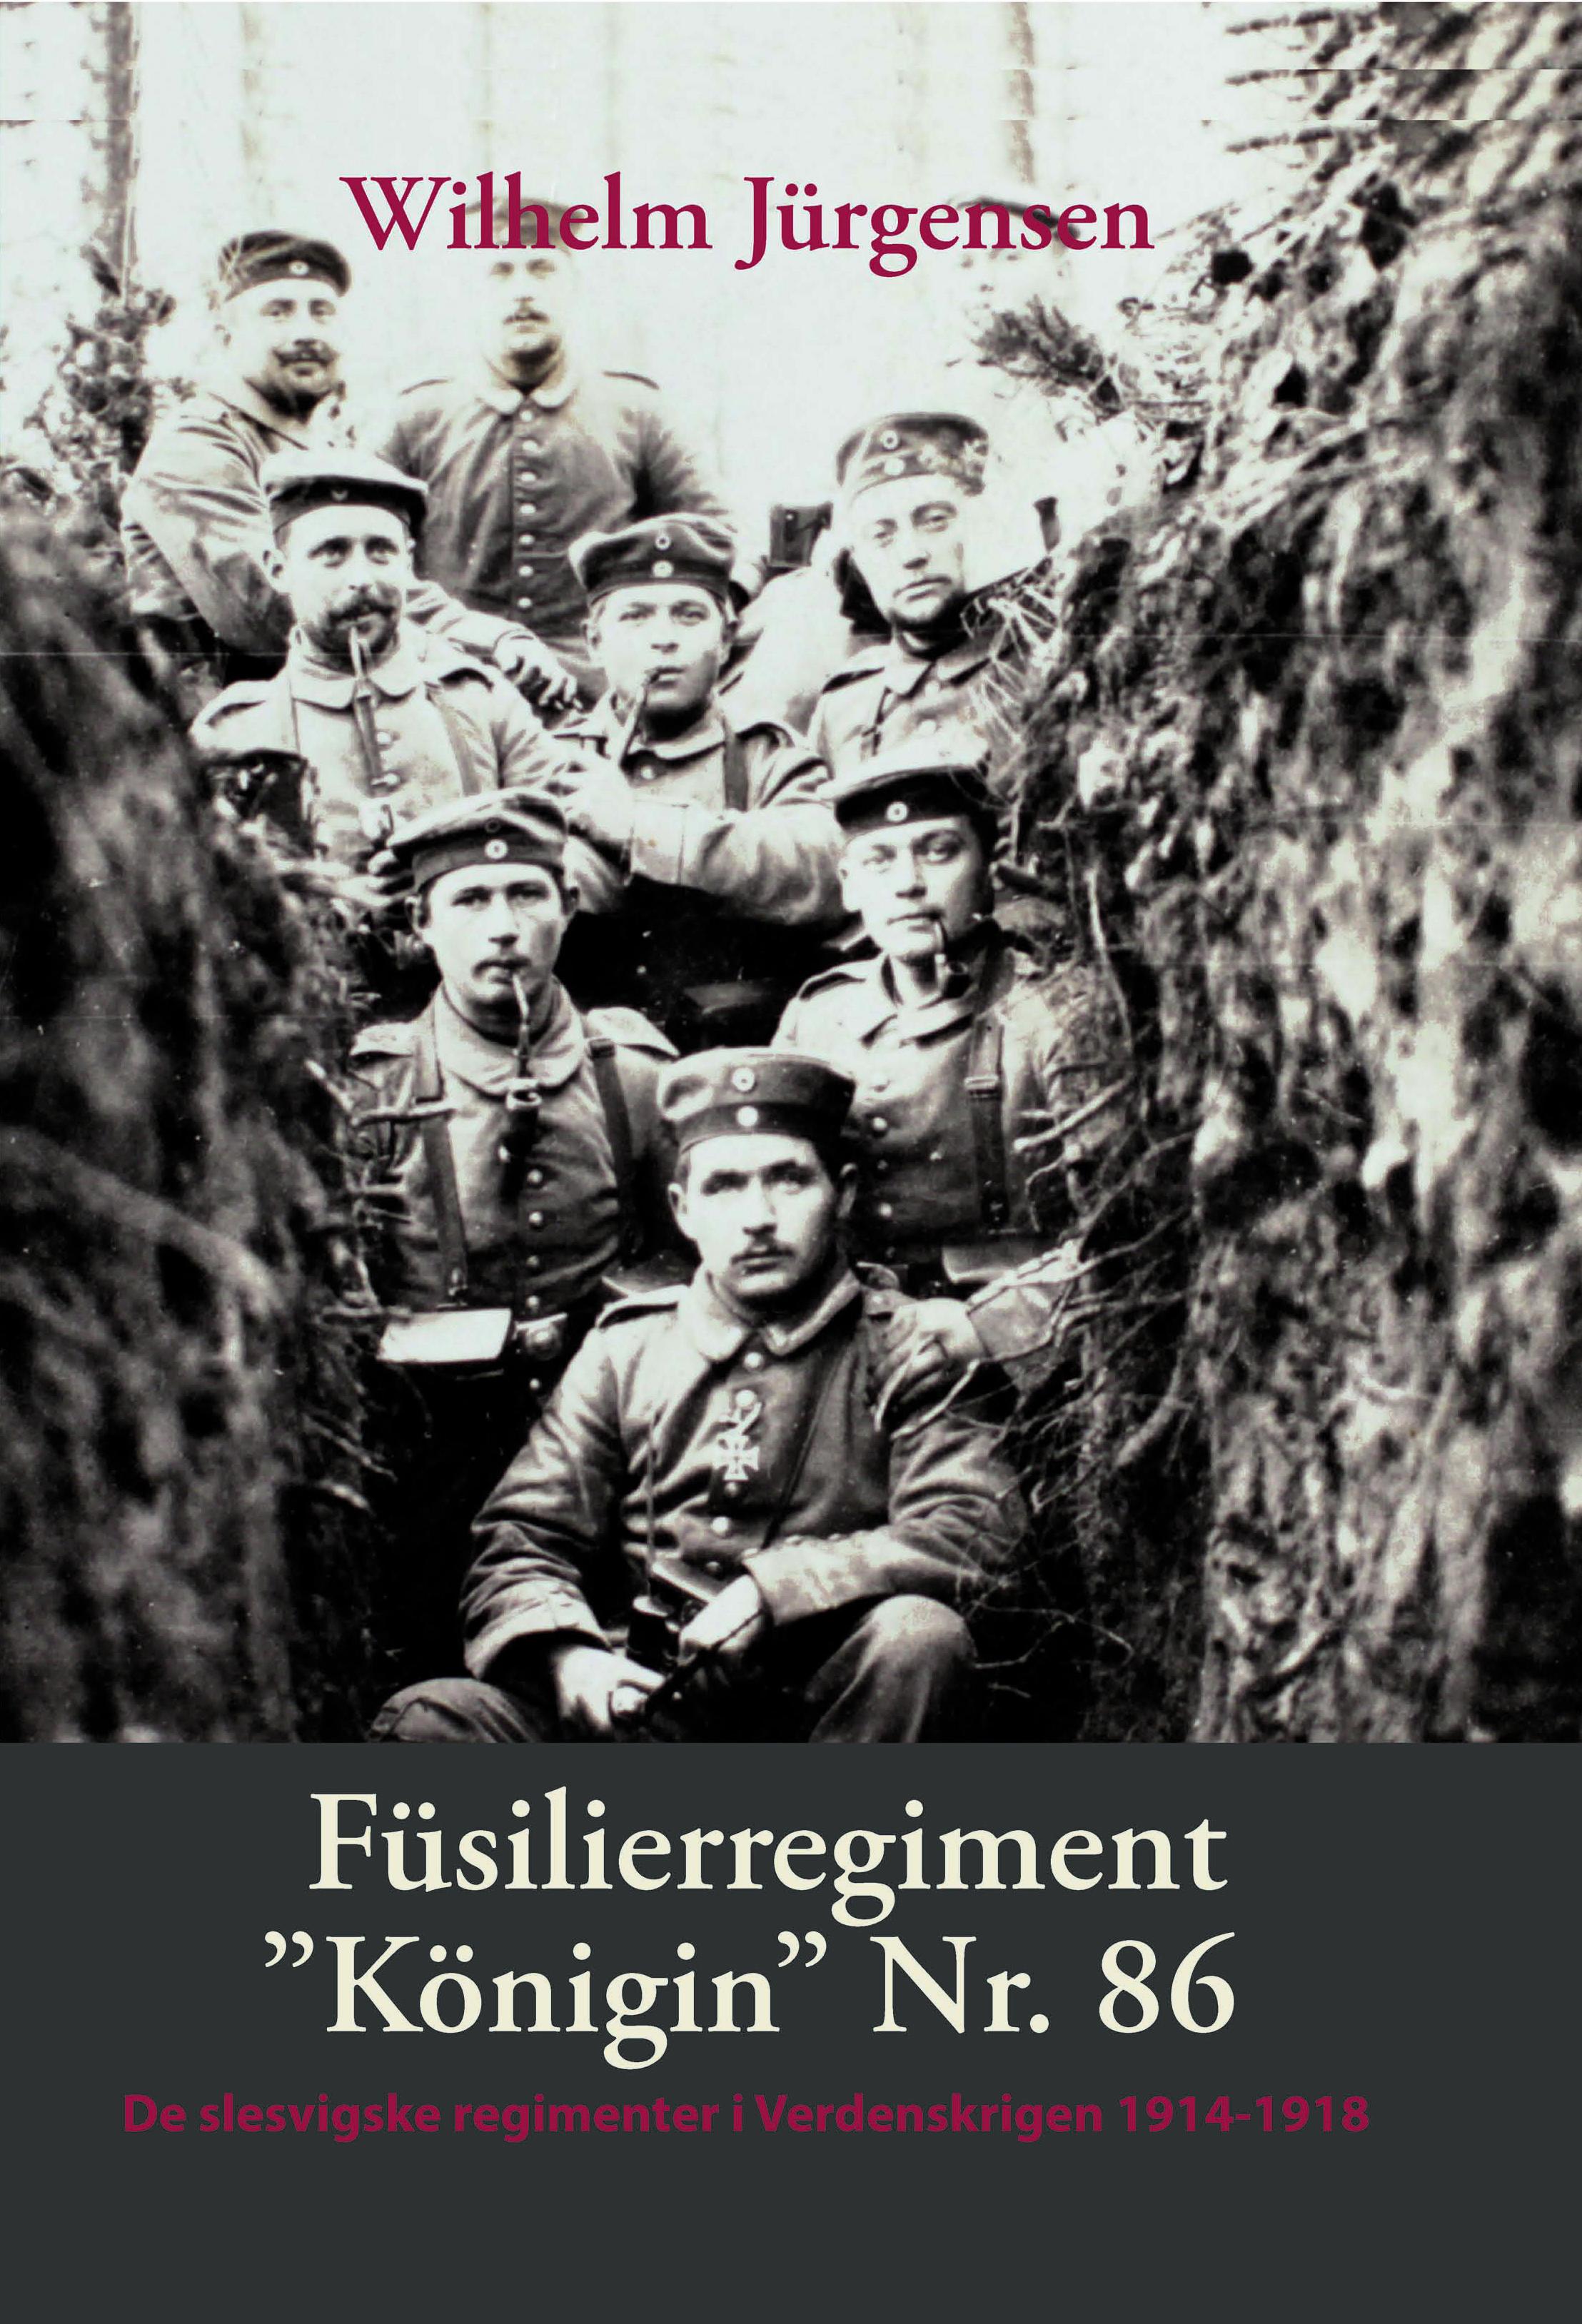 """Füsilierregiment """"Königin"""" nr. 86 i Verdenskrigen"""